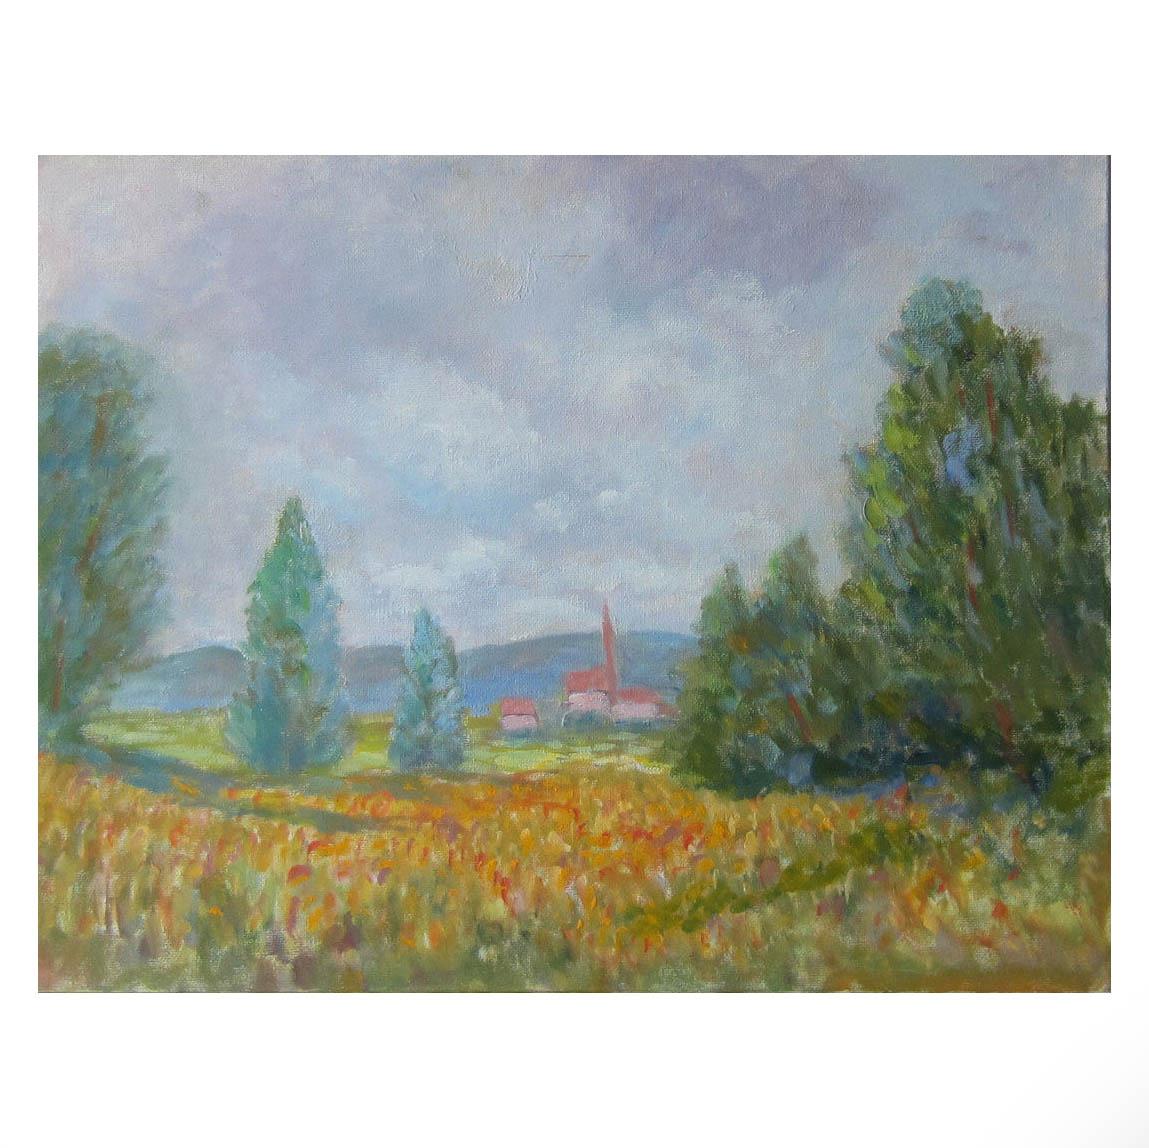 Copy of Copy of Copy of Copy of Copy of Copy of Vintage Landscape painting